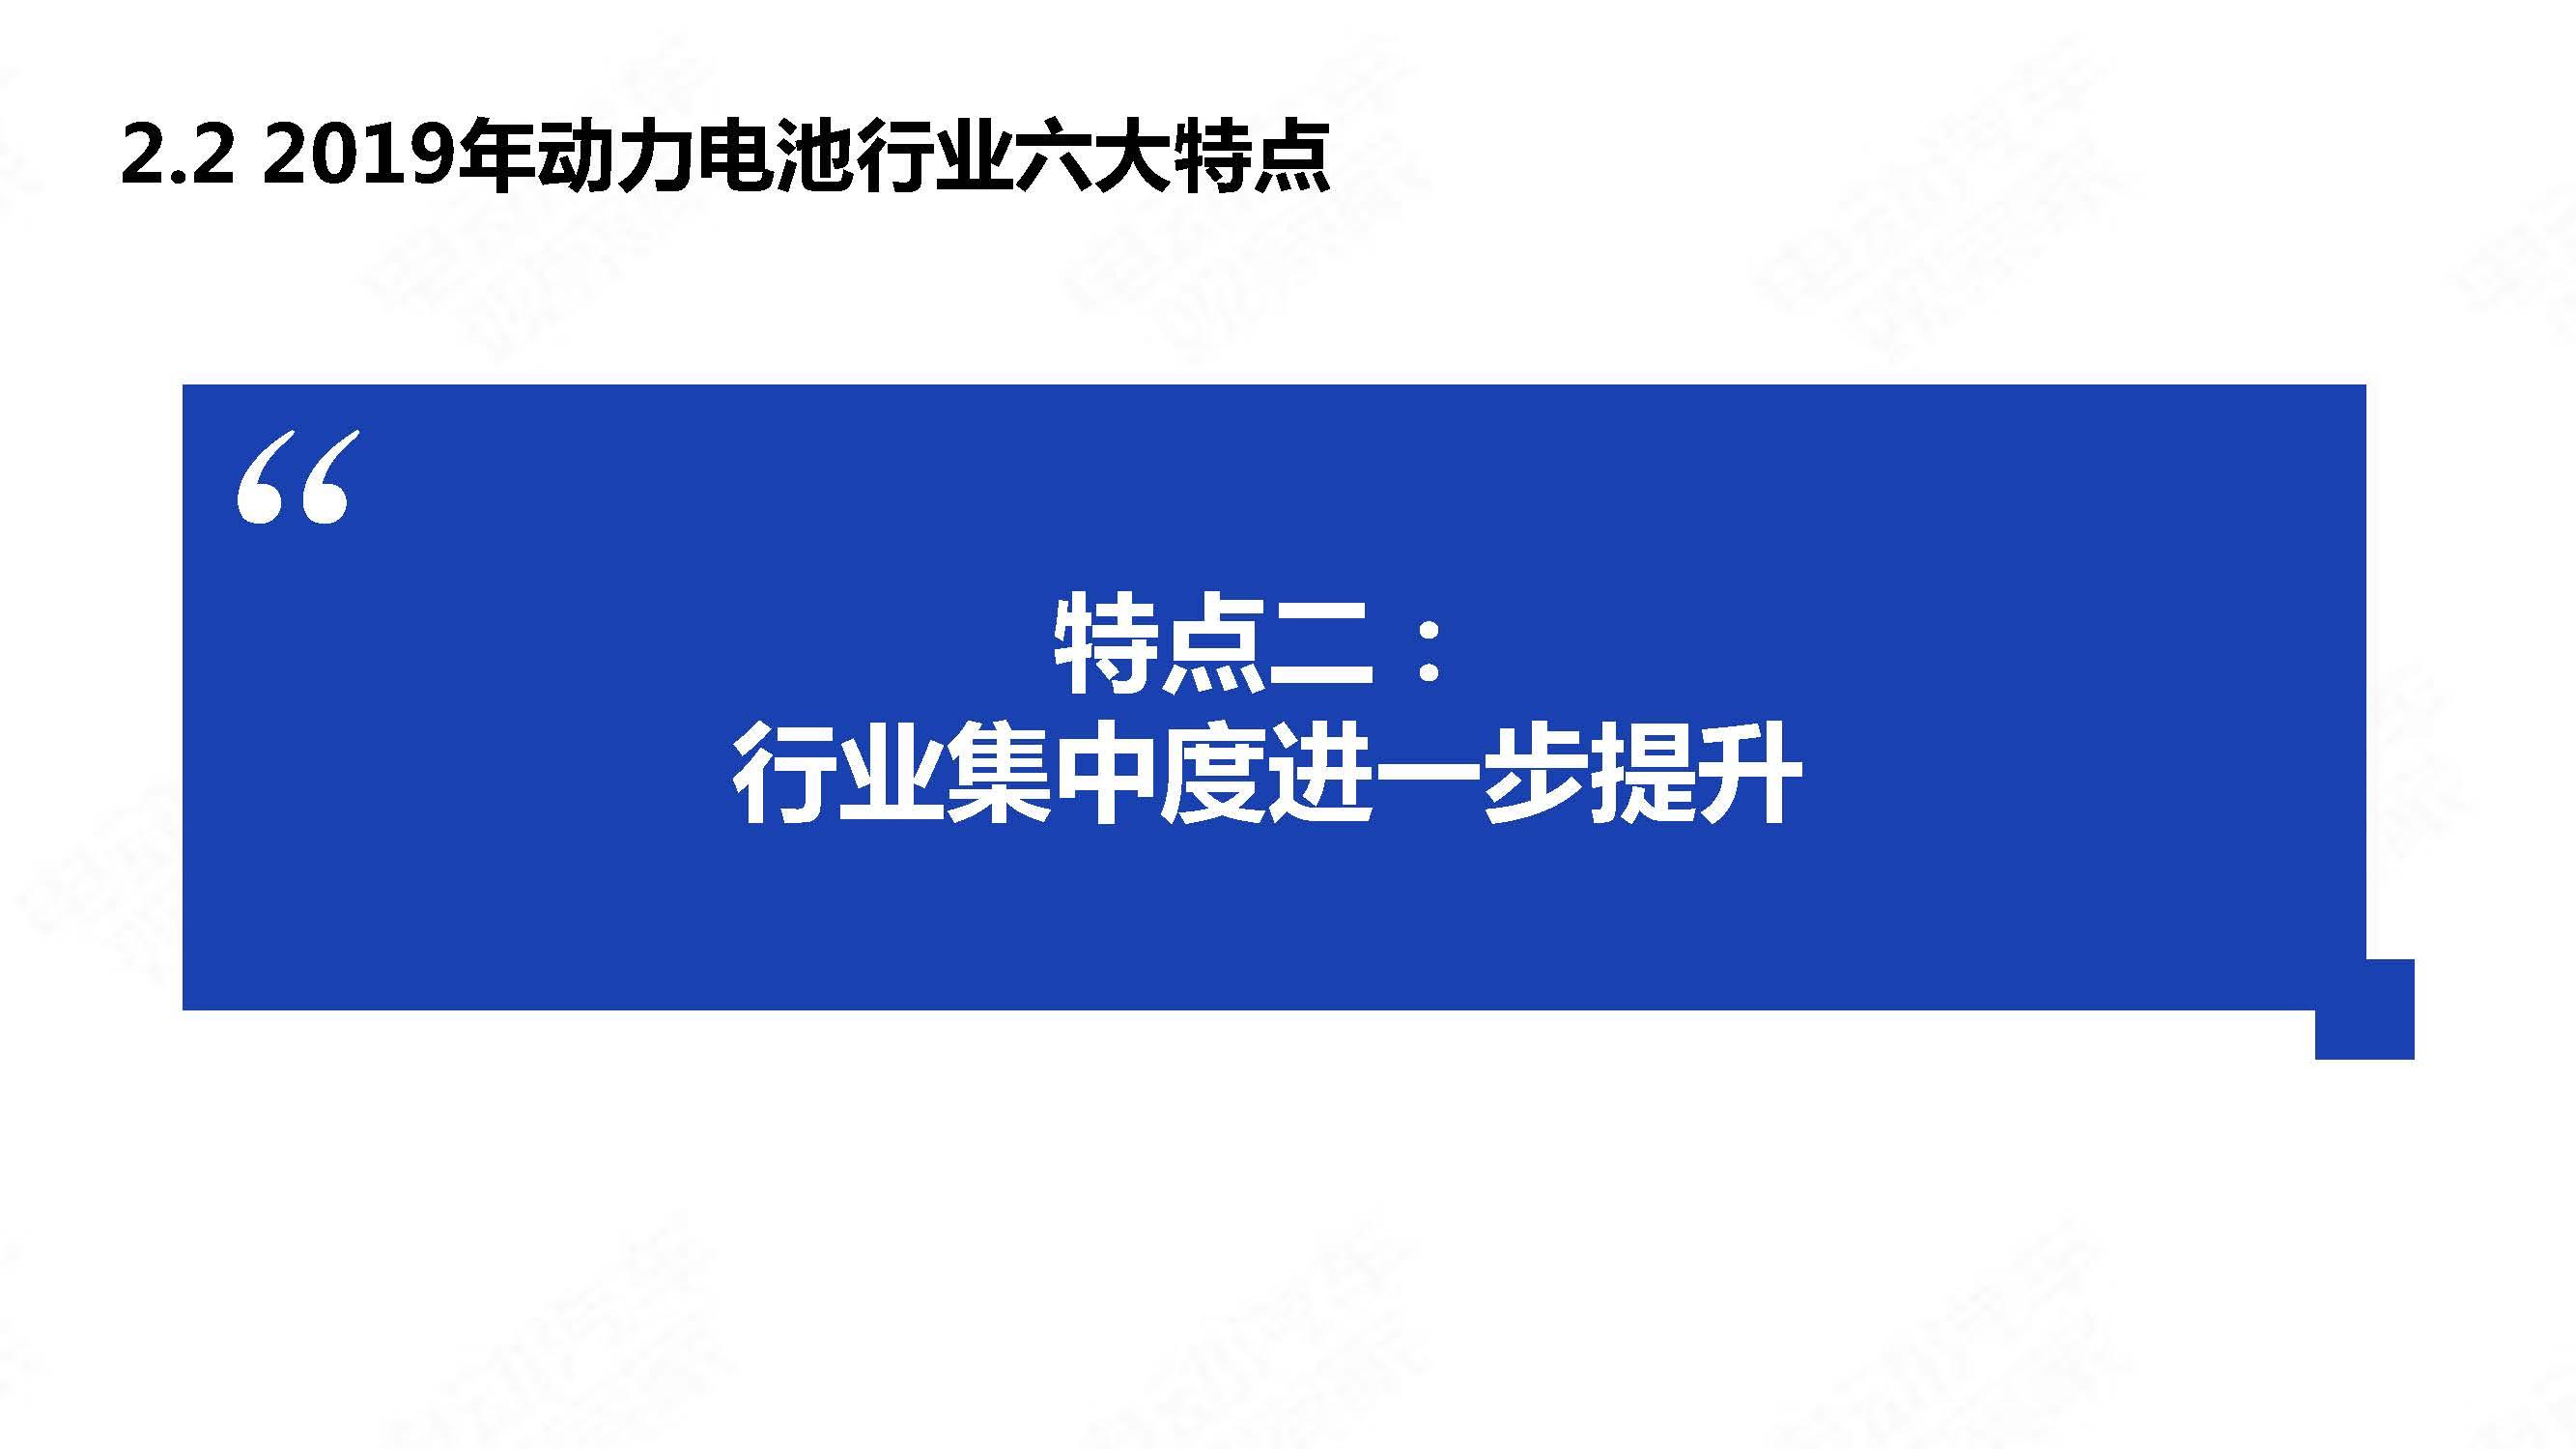 中国新能源汽车产业年度观察2020 简版_页面_29